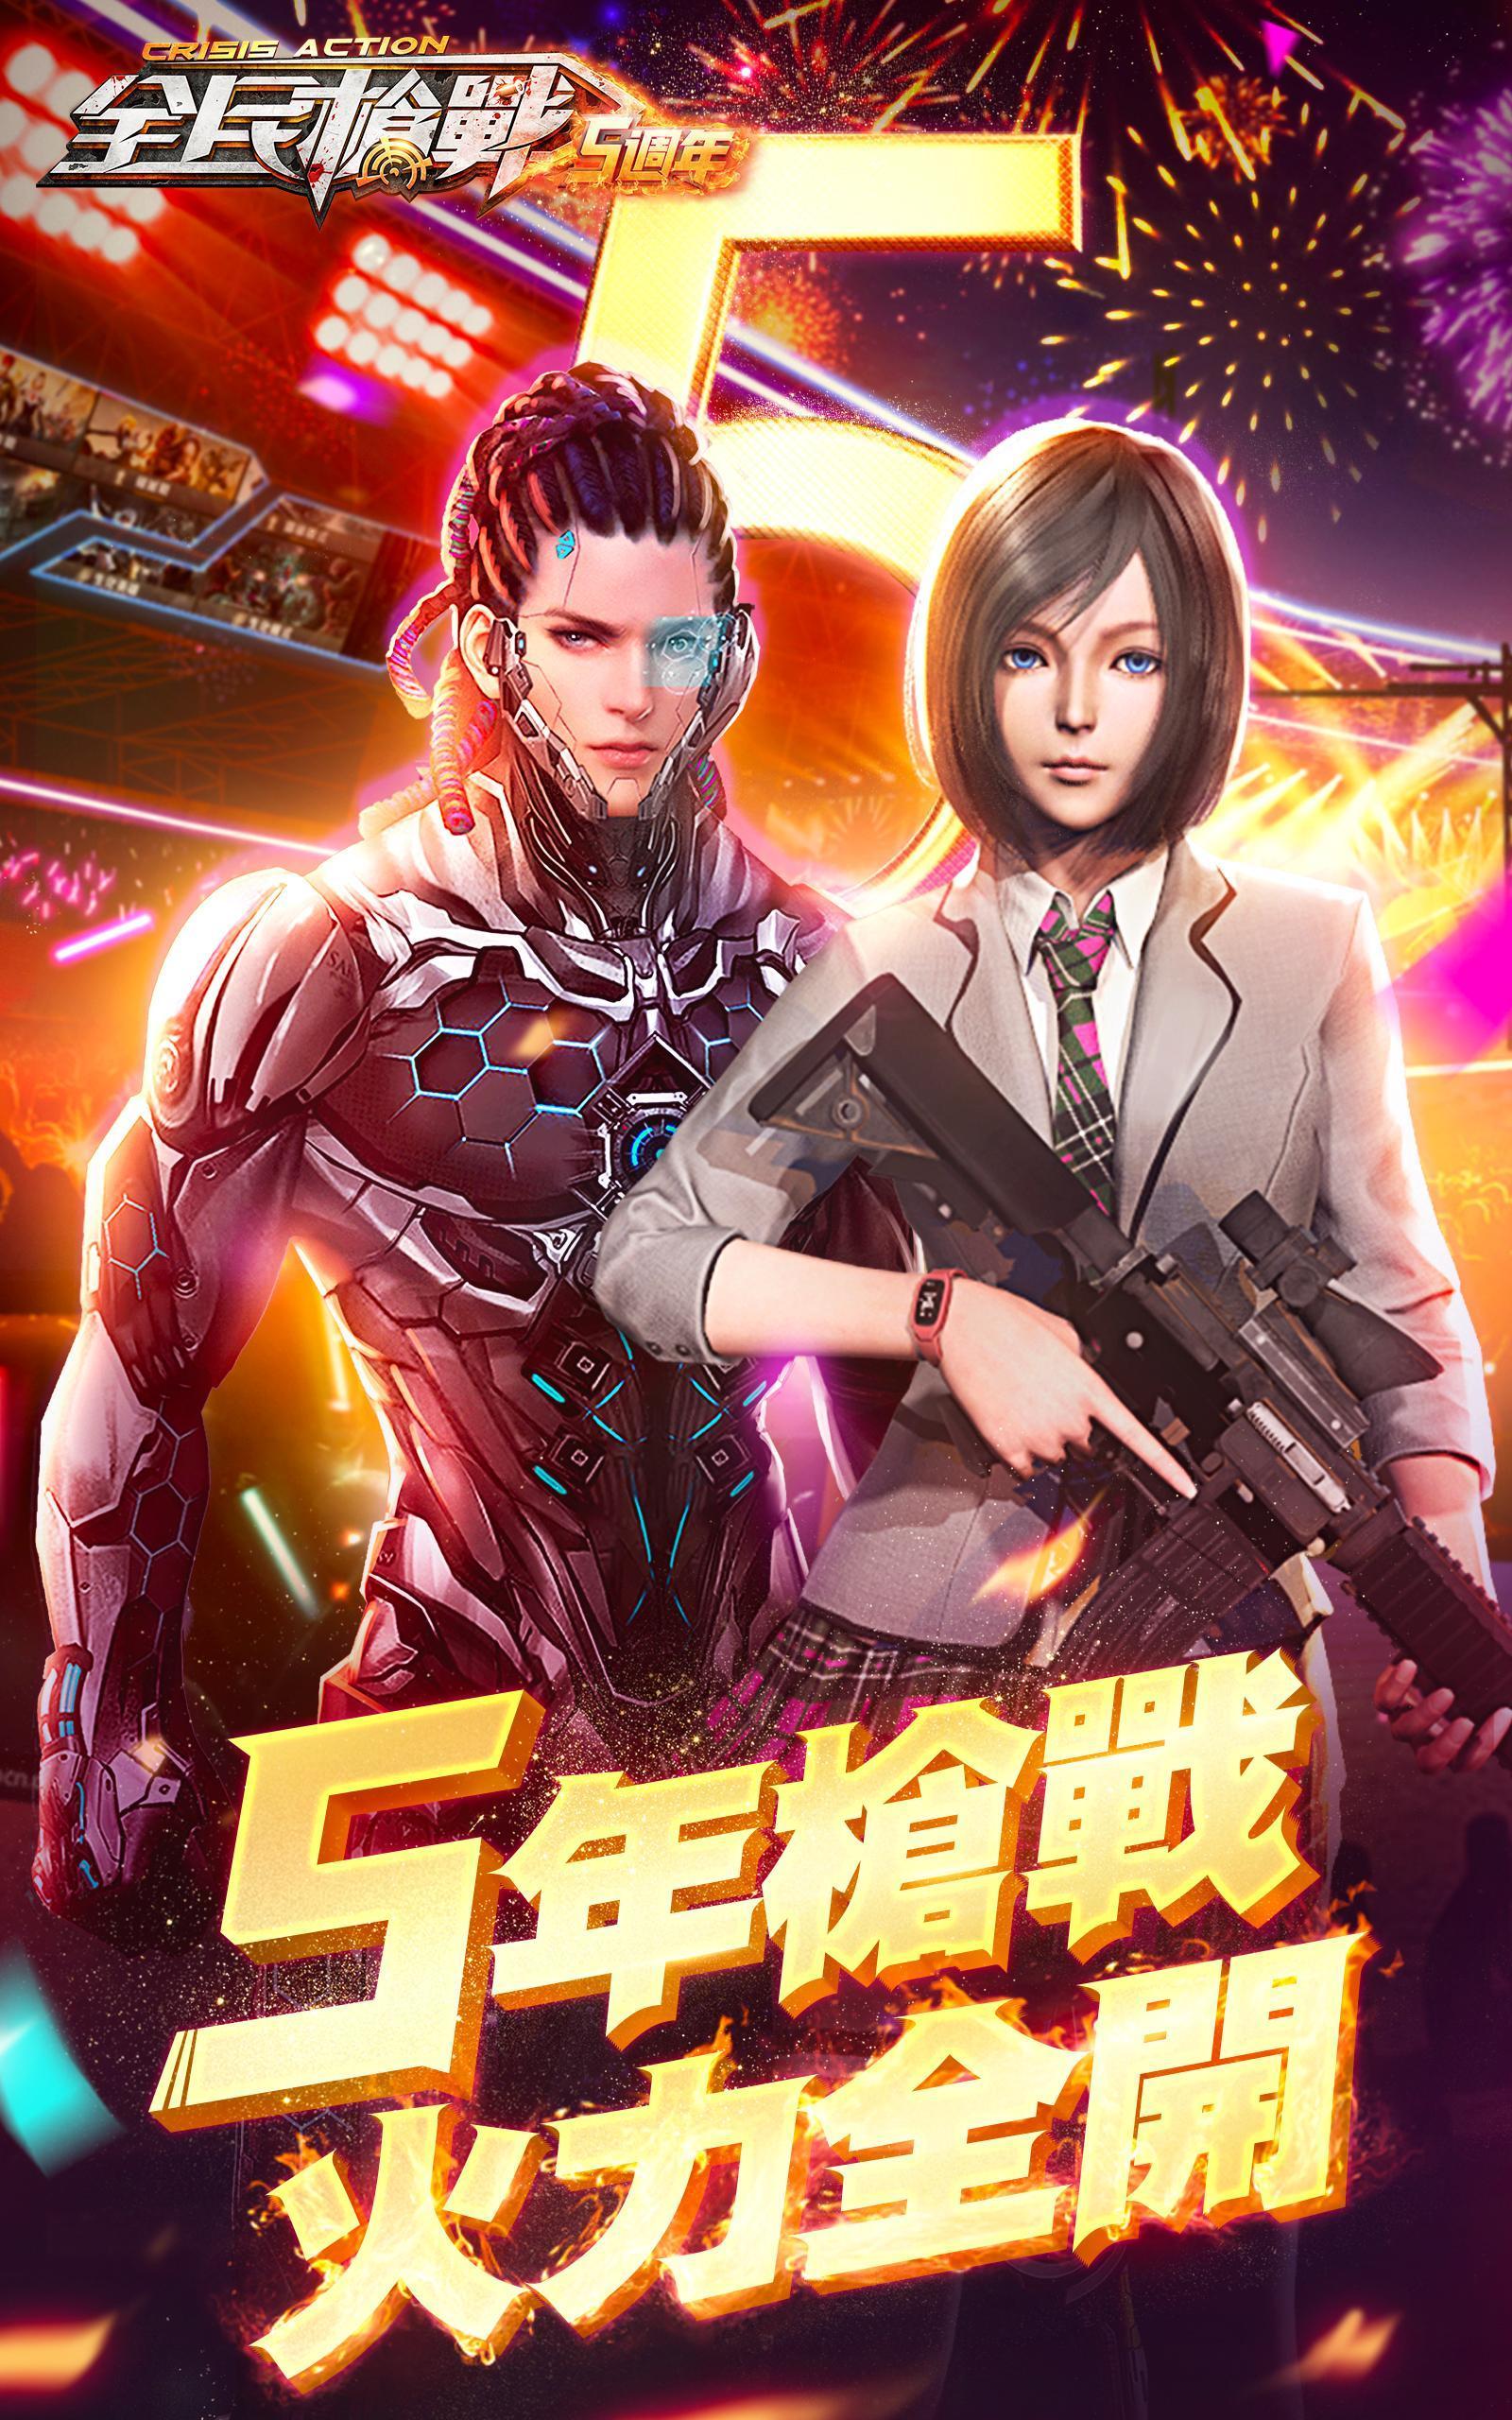 全民槍戰Crisis Action: No.1 FPS Game 3.10.03 Screenshot 6